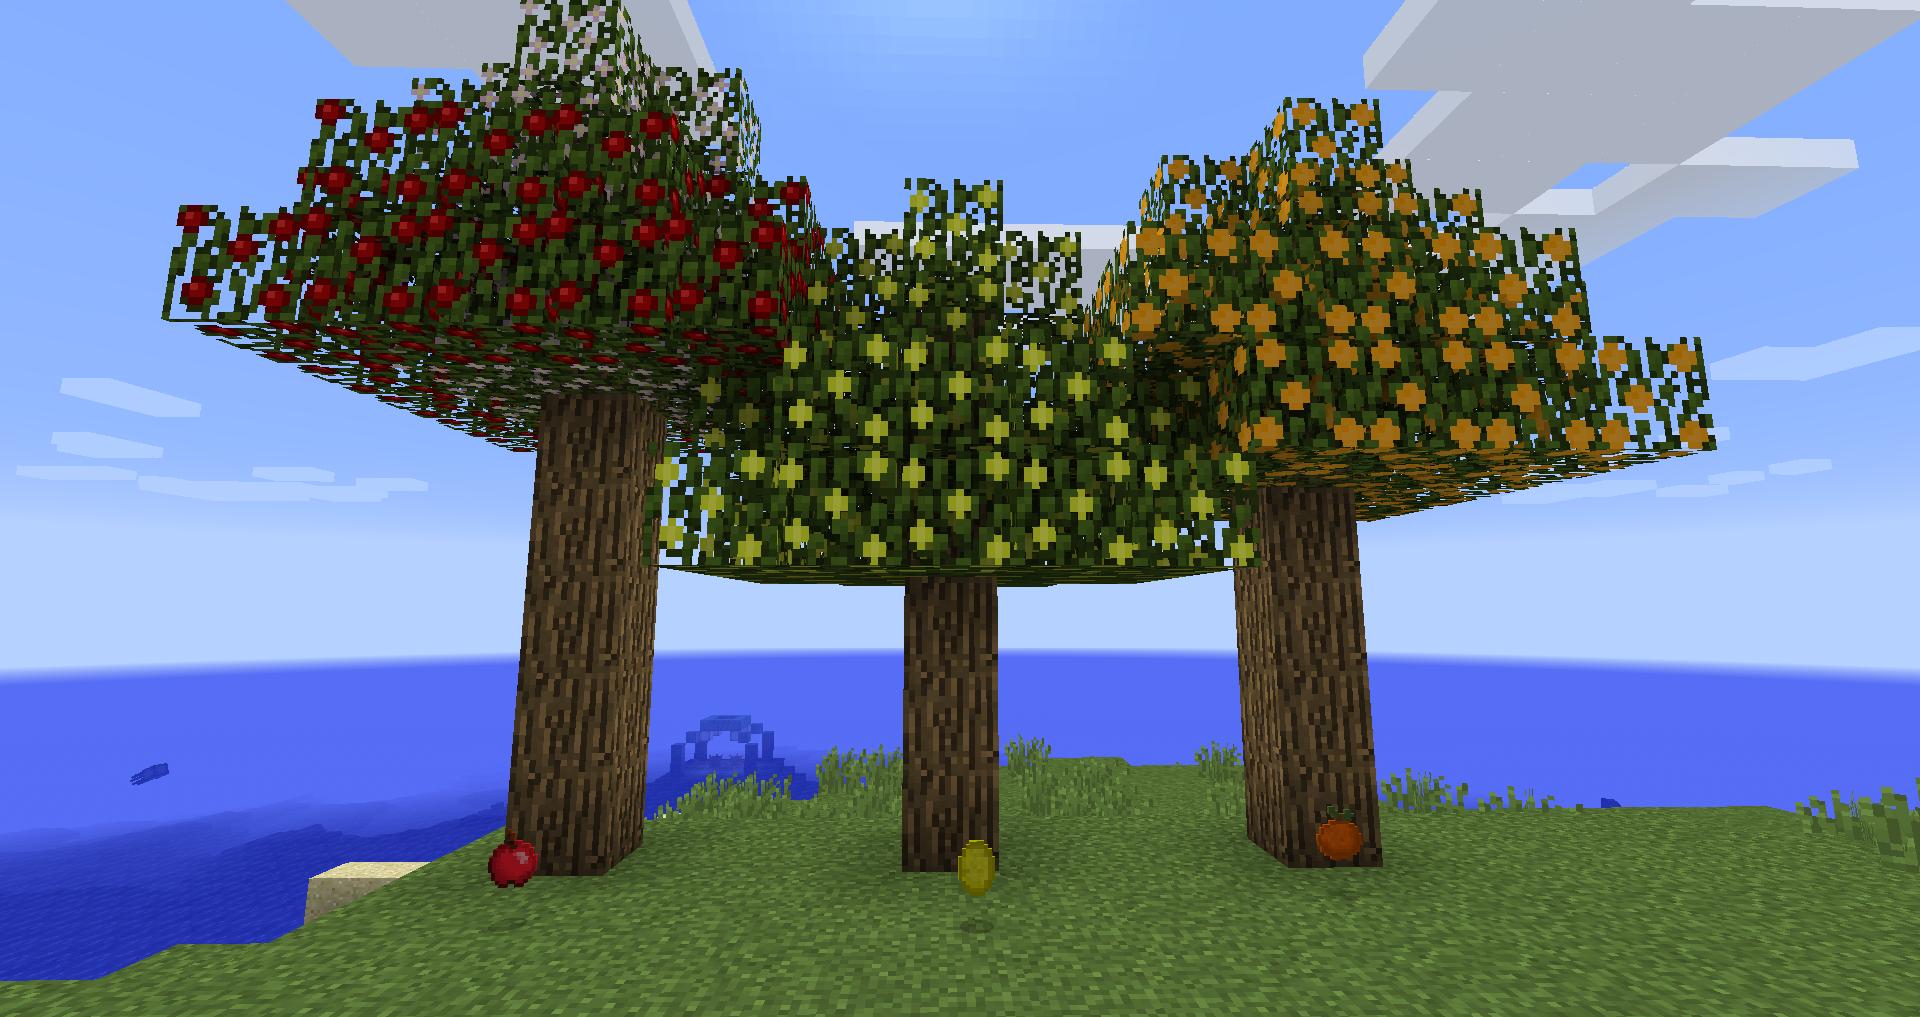 172 майнкрафт мод на фруктовые деревья #2